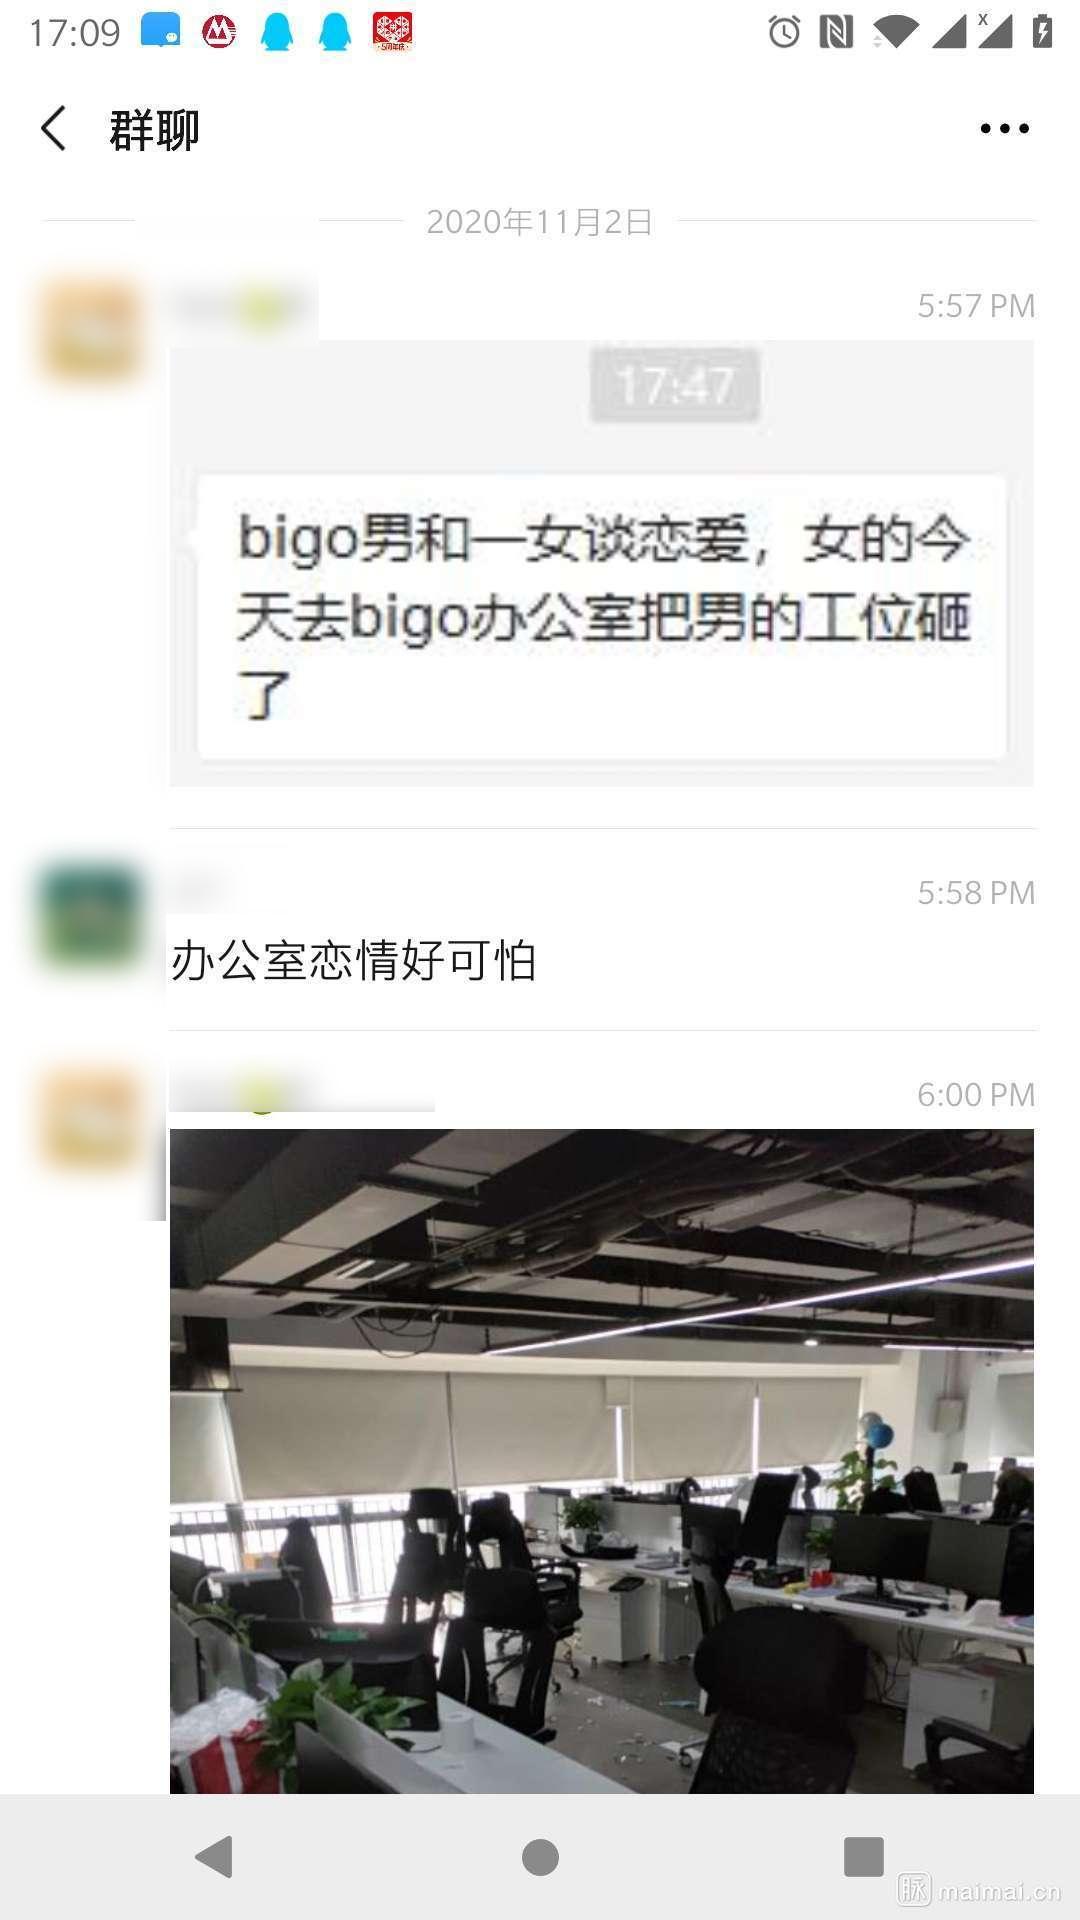 bigo超级大瓜安东尼奥刘能:m武当弟子:m前欢聚时代员…插图(7)